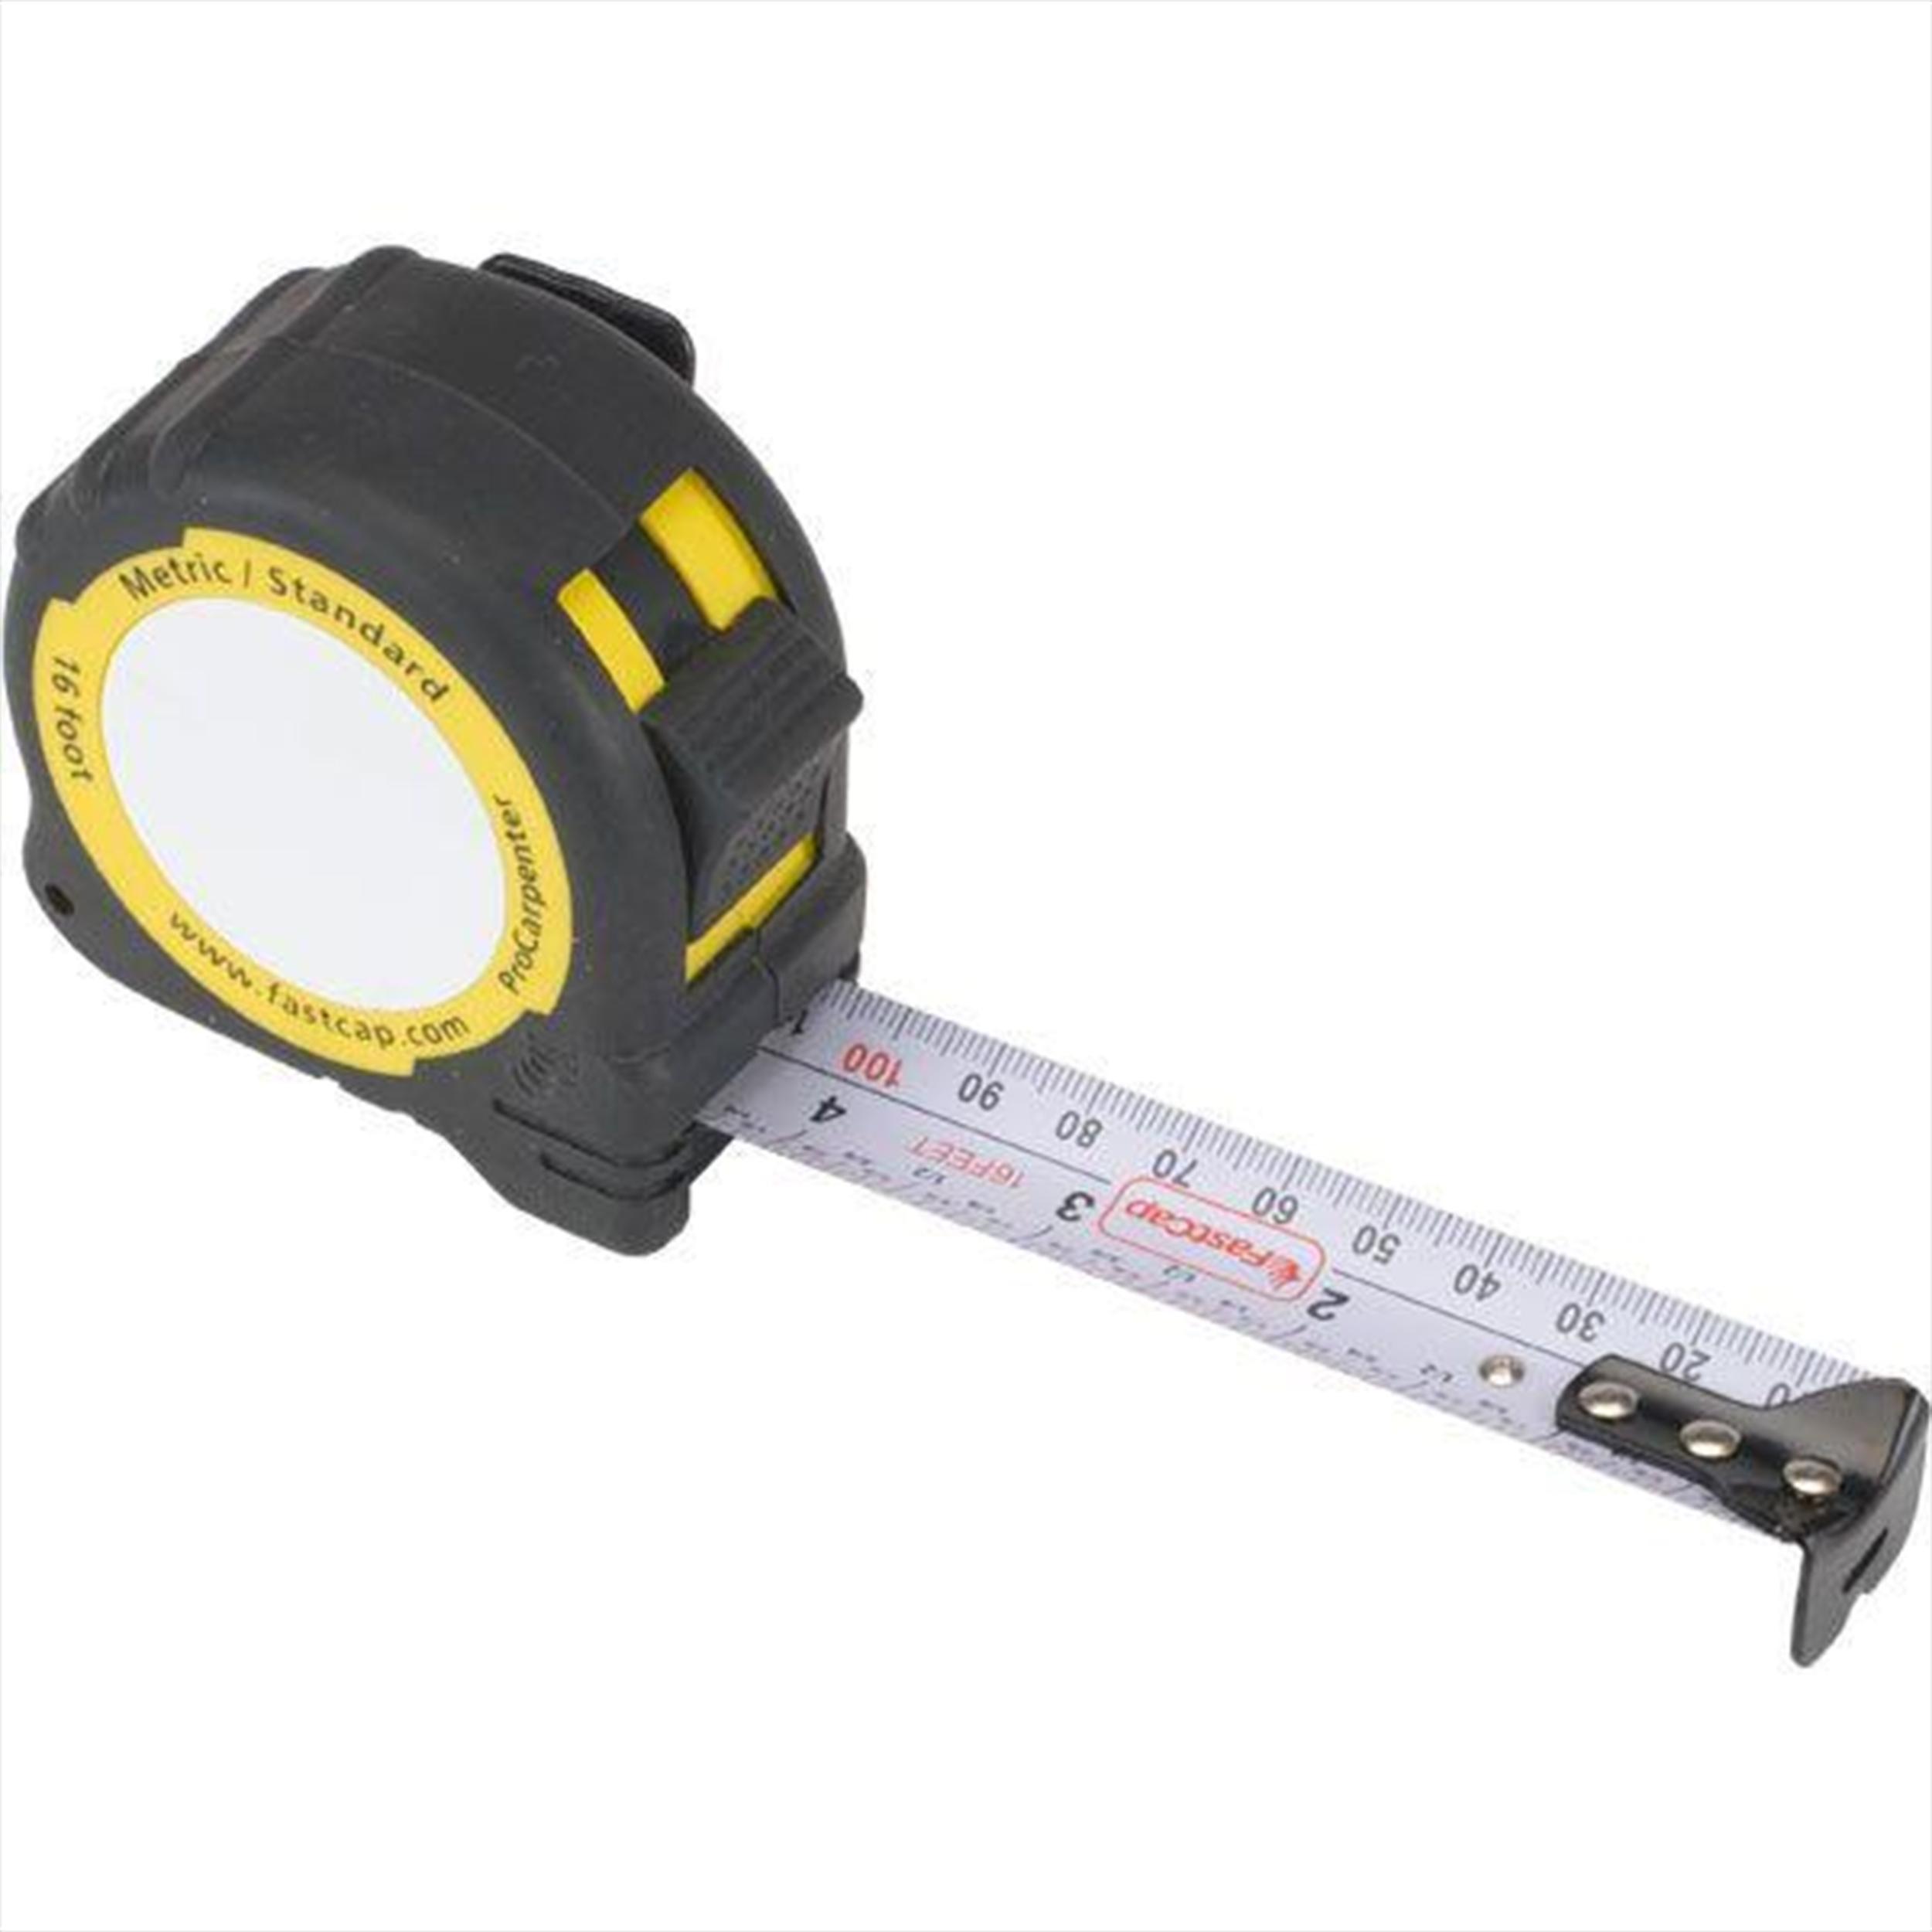 Metric/Standard 16' Tape Measure